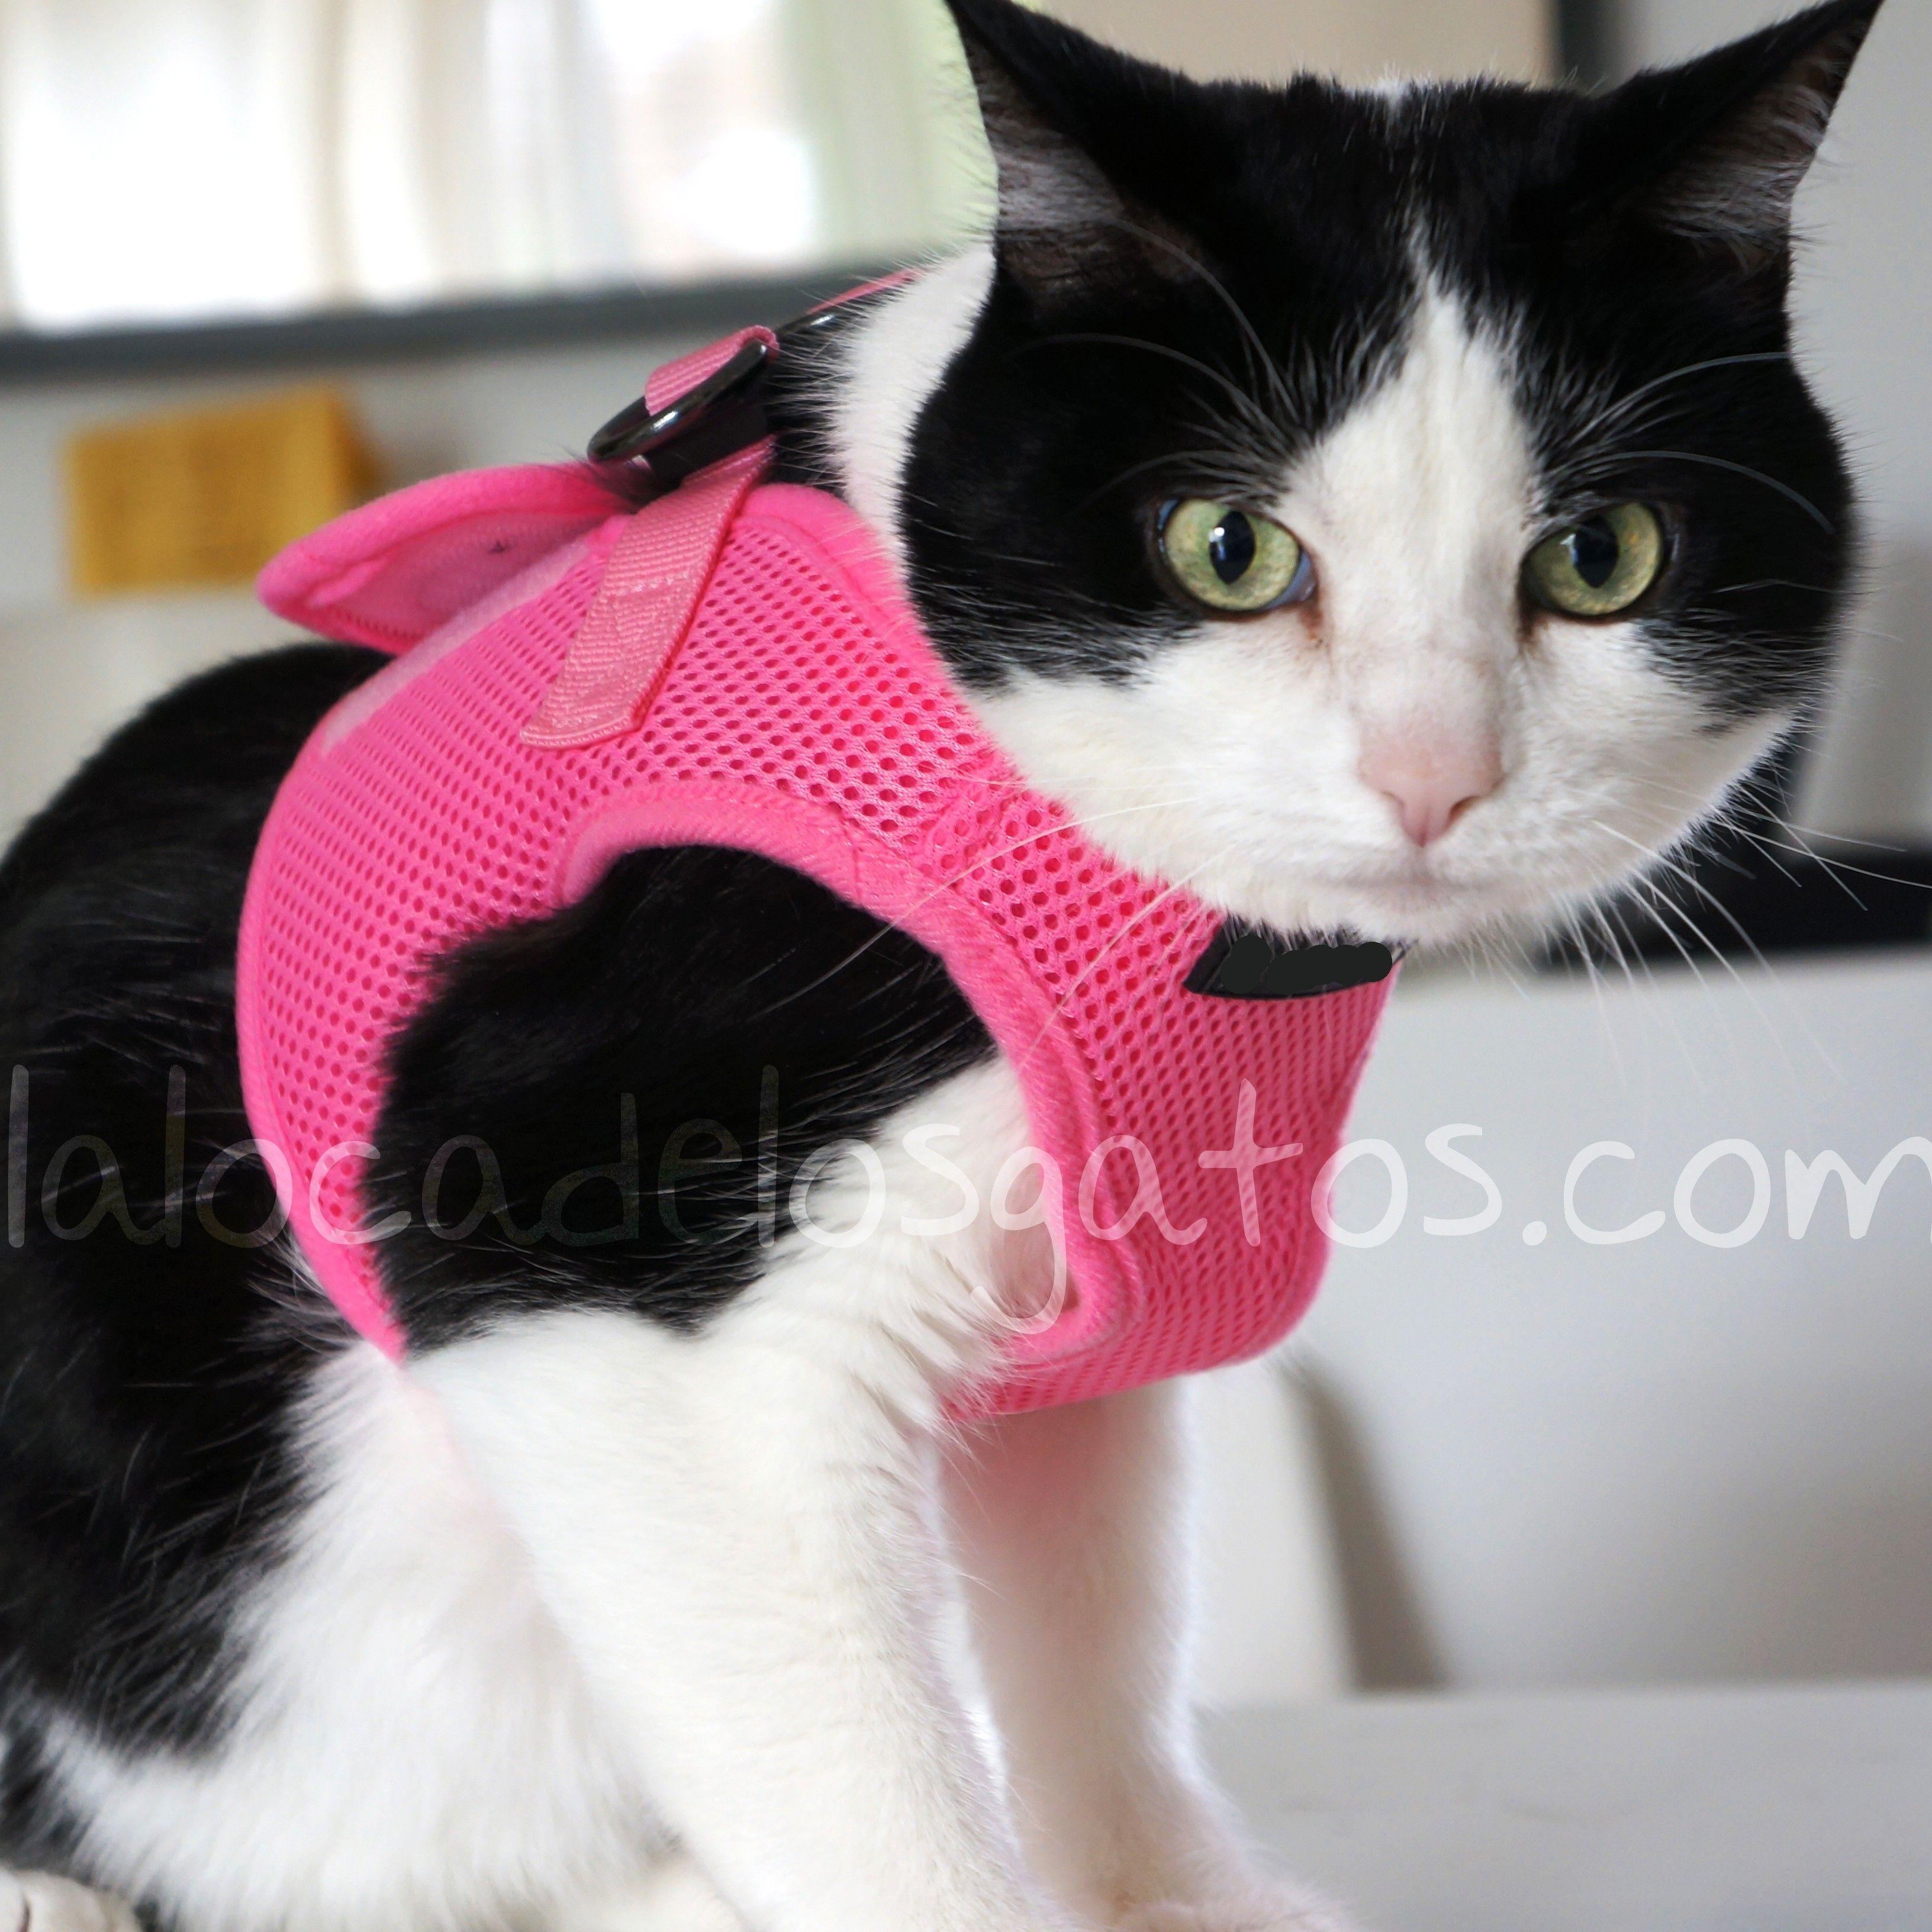 Arn s para gato soft con correa en la tienda de mascotas de la